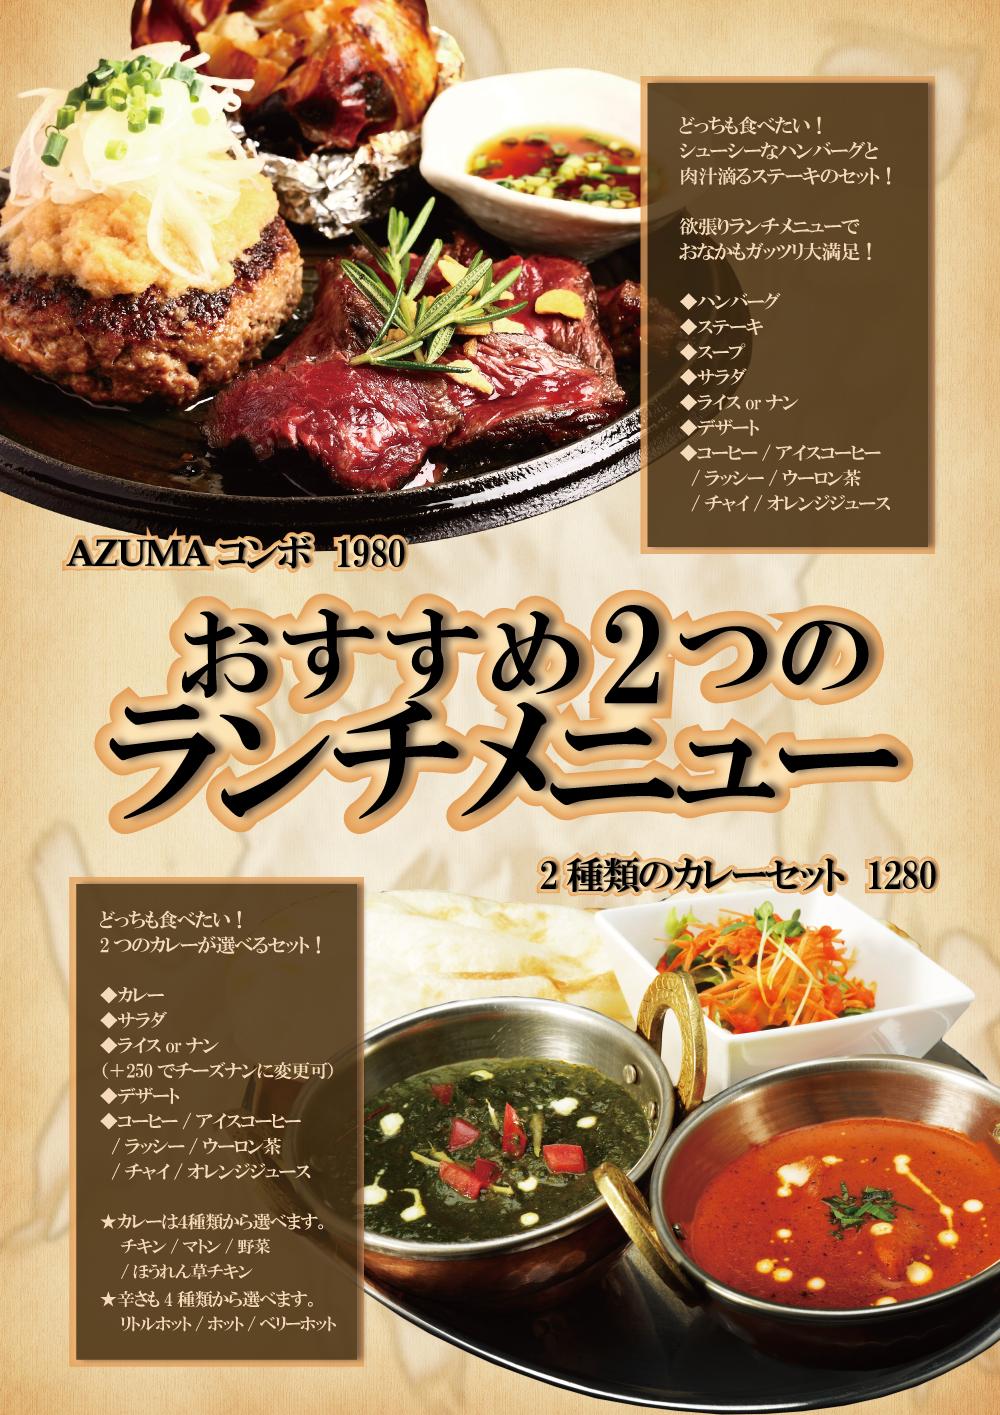 ガネーシャキッチンAZUMAチラシデザイン36カメラ